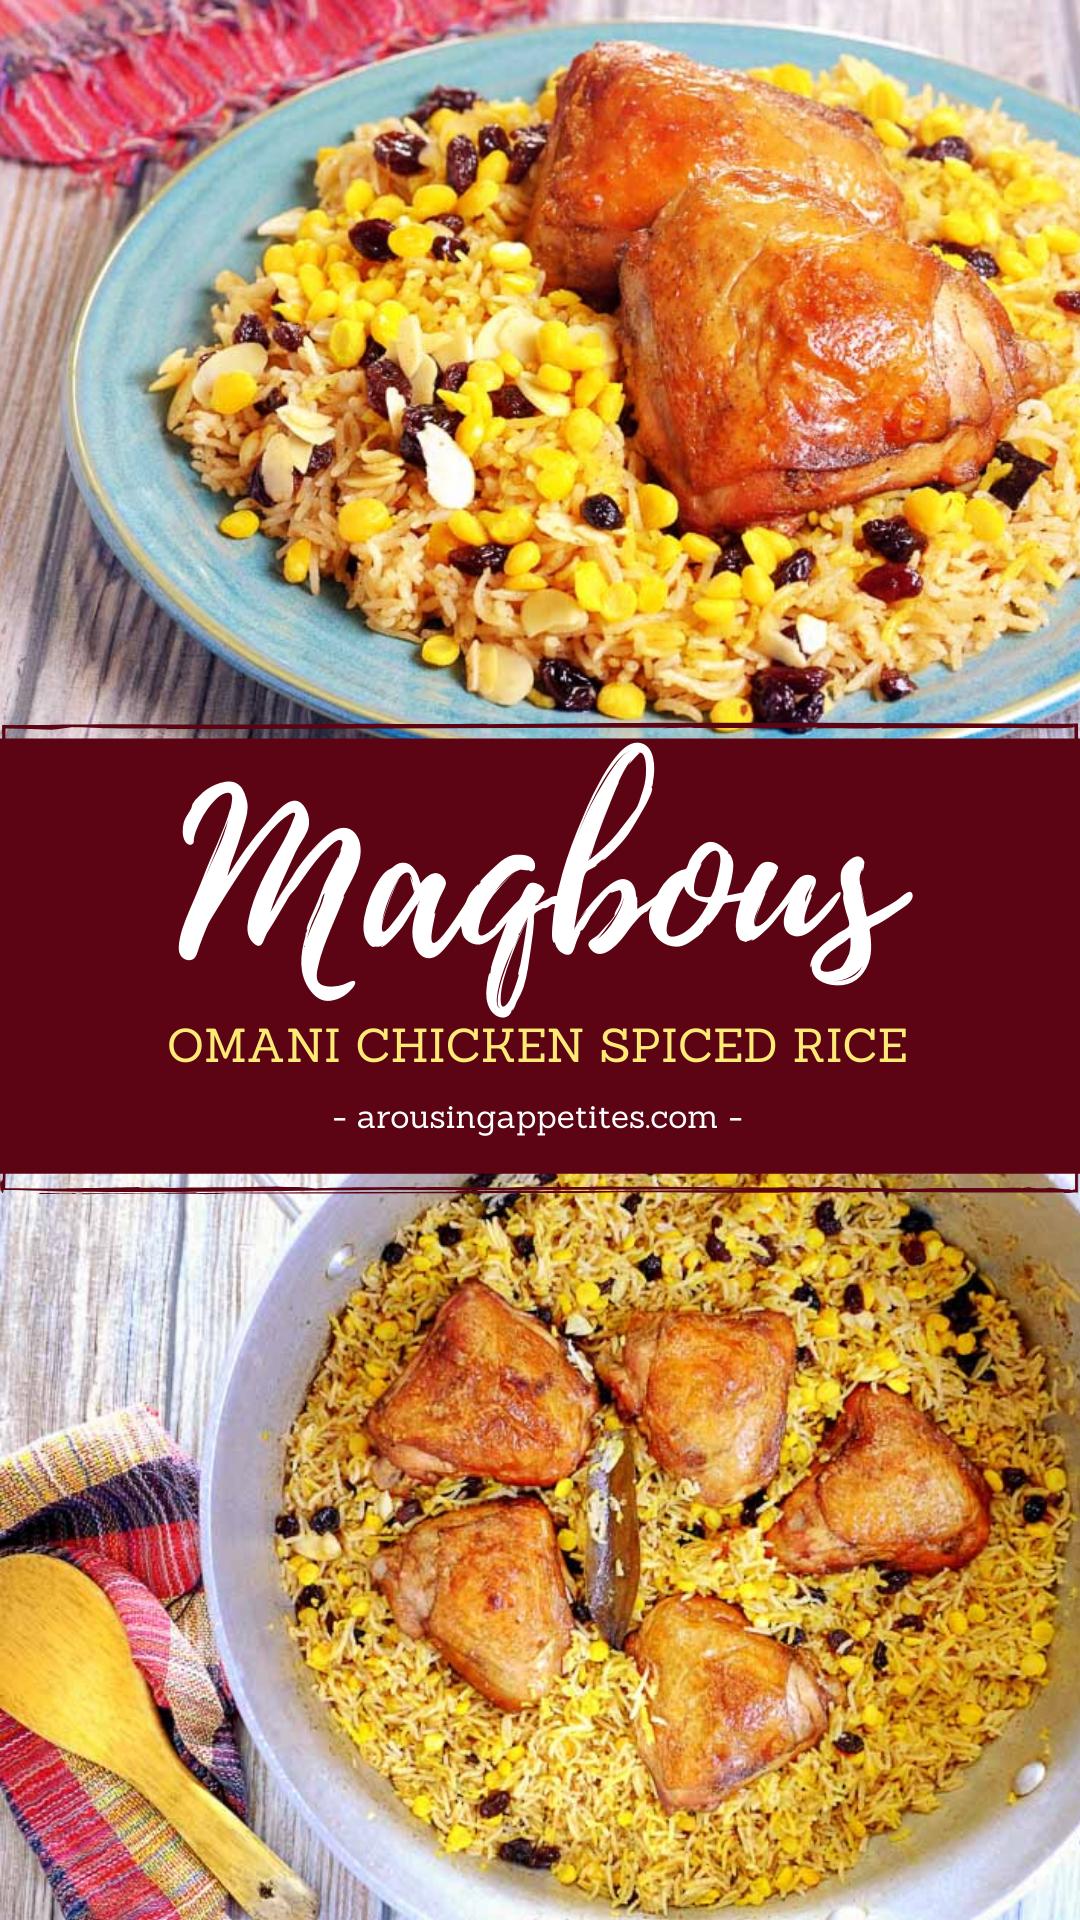 Maqbous Omani Chicken Spiced Rice Recipe Summer Chicken Recipes Chicken Spices Spiced Rice